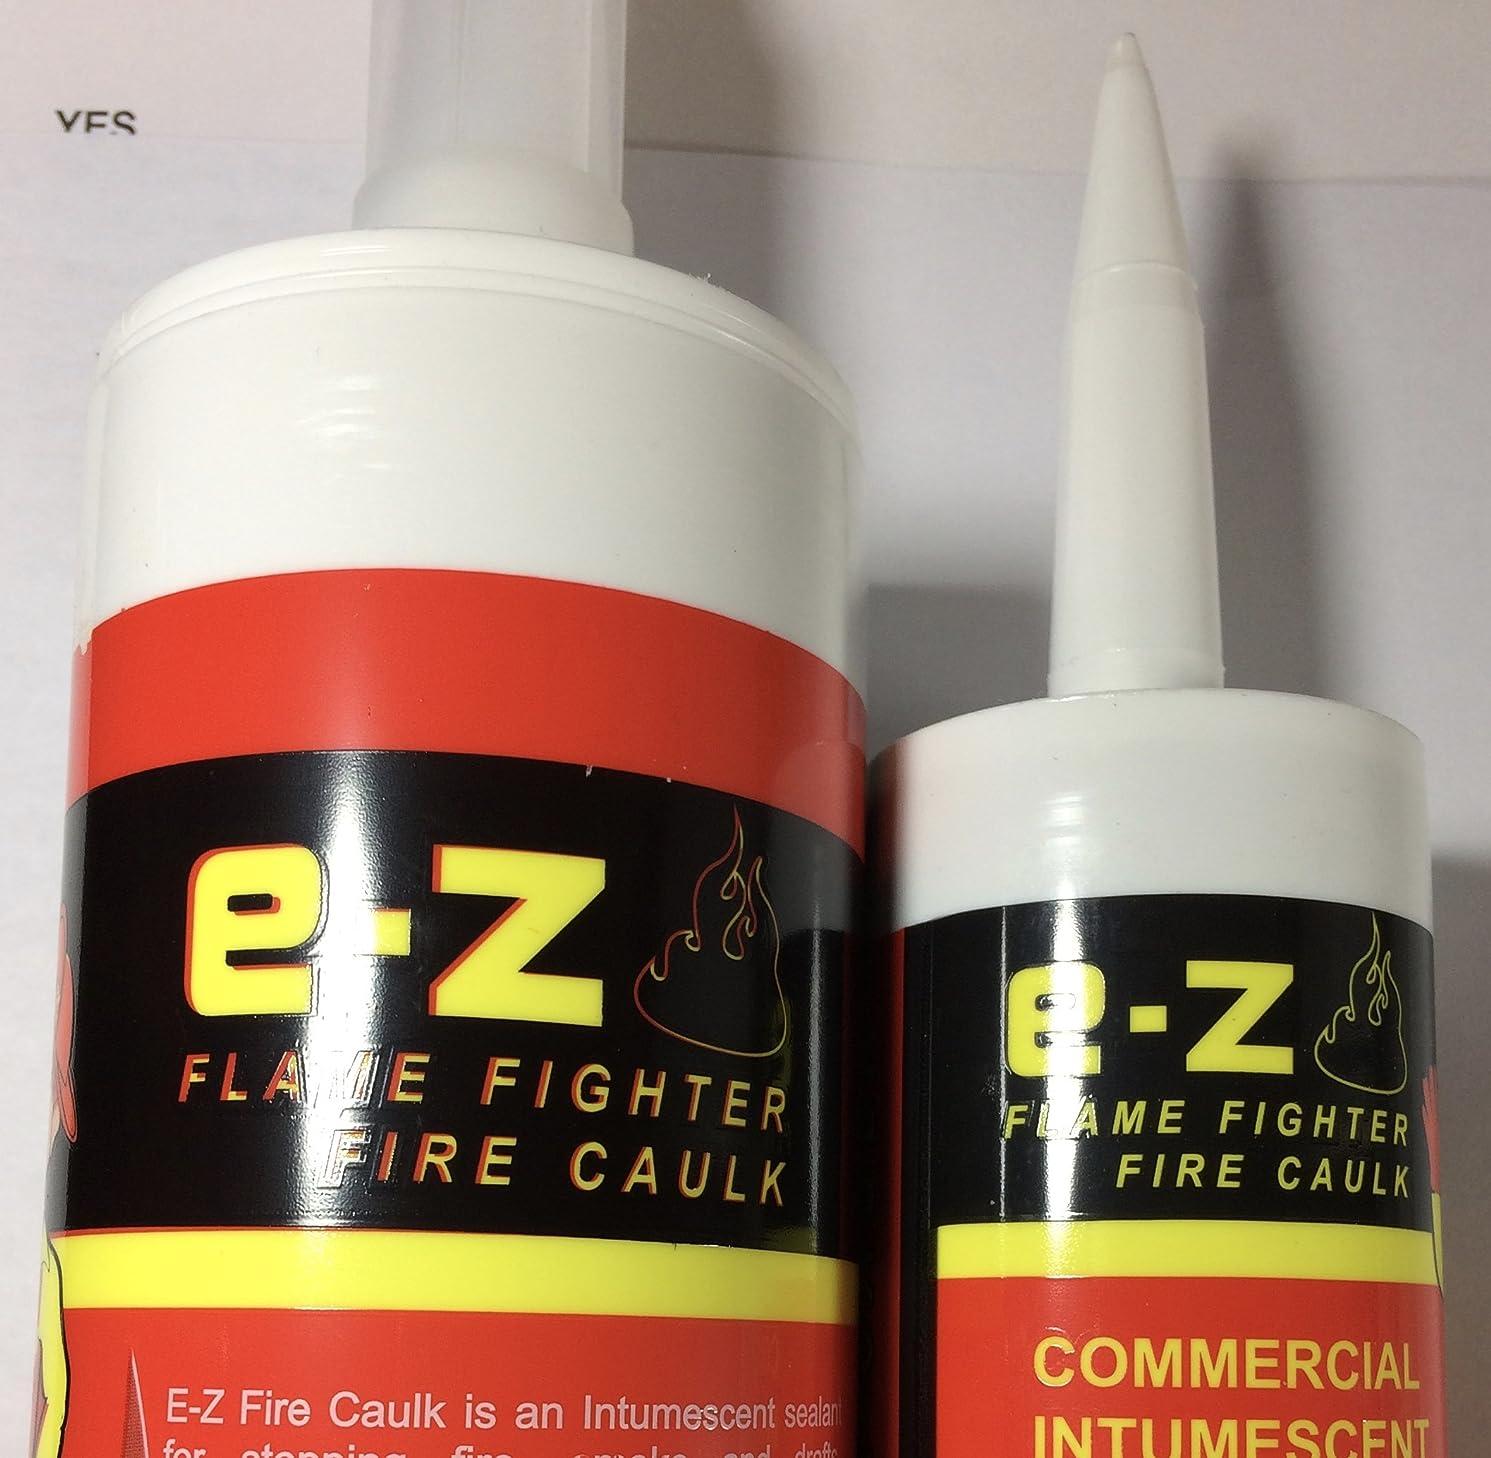 E-Z Flame Fighter Fire Caulk (29)